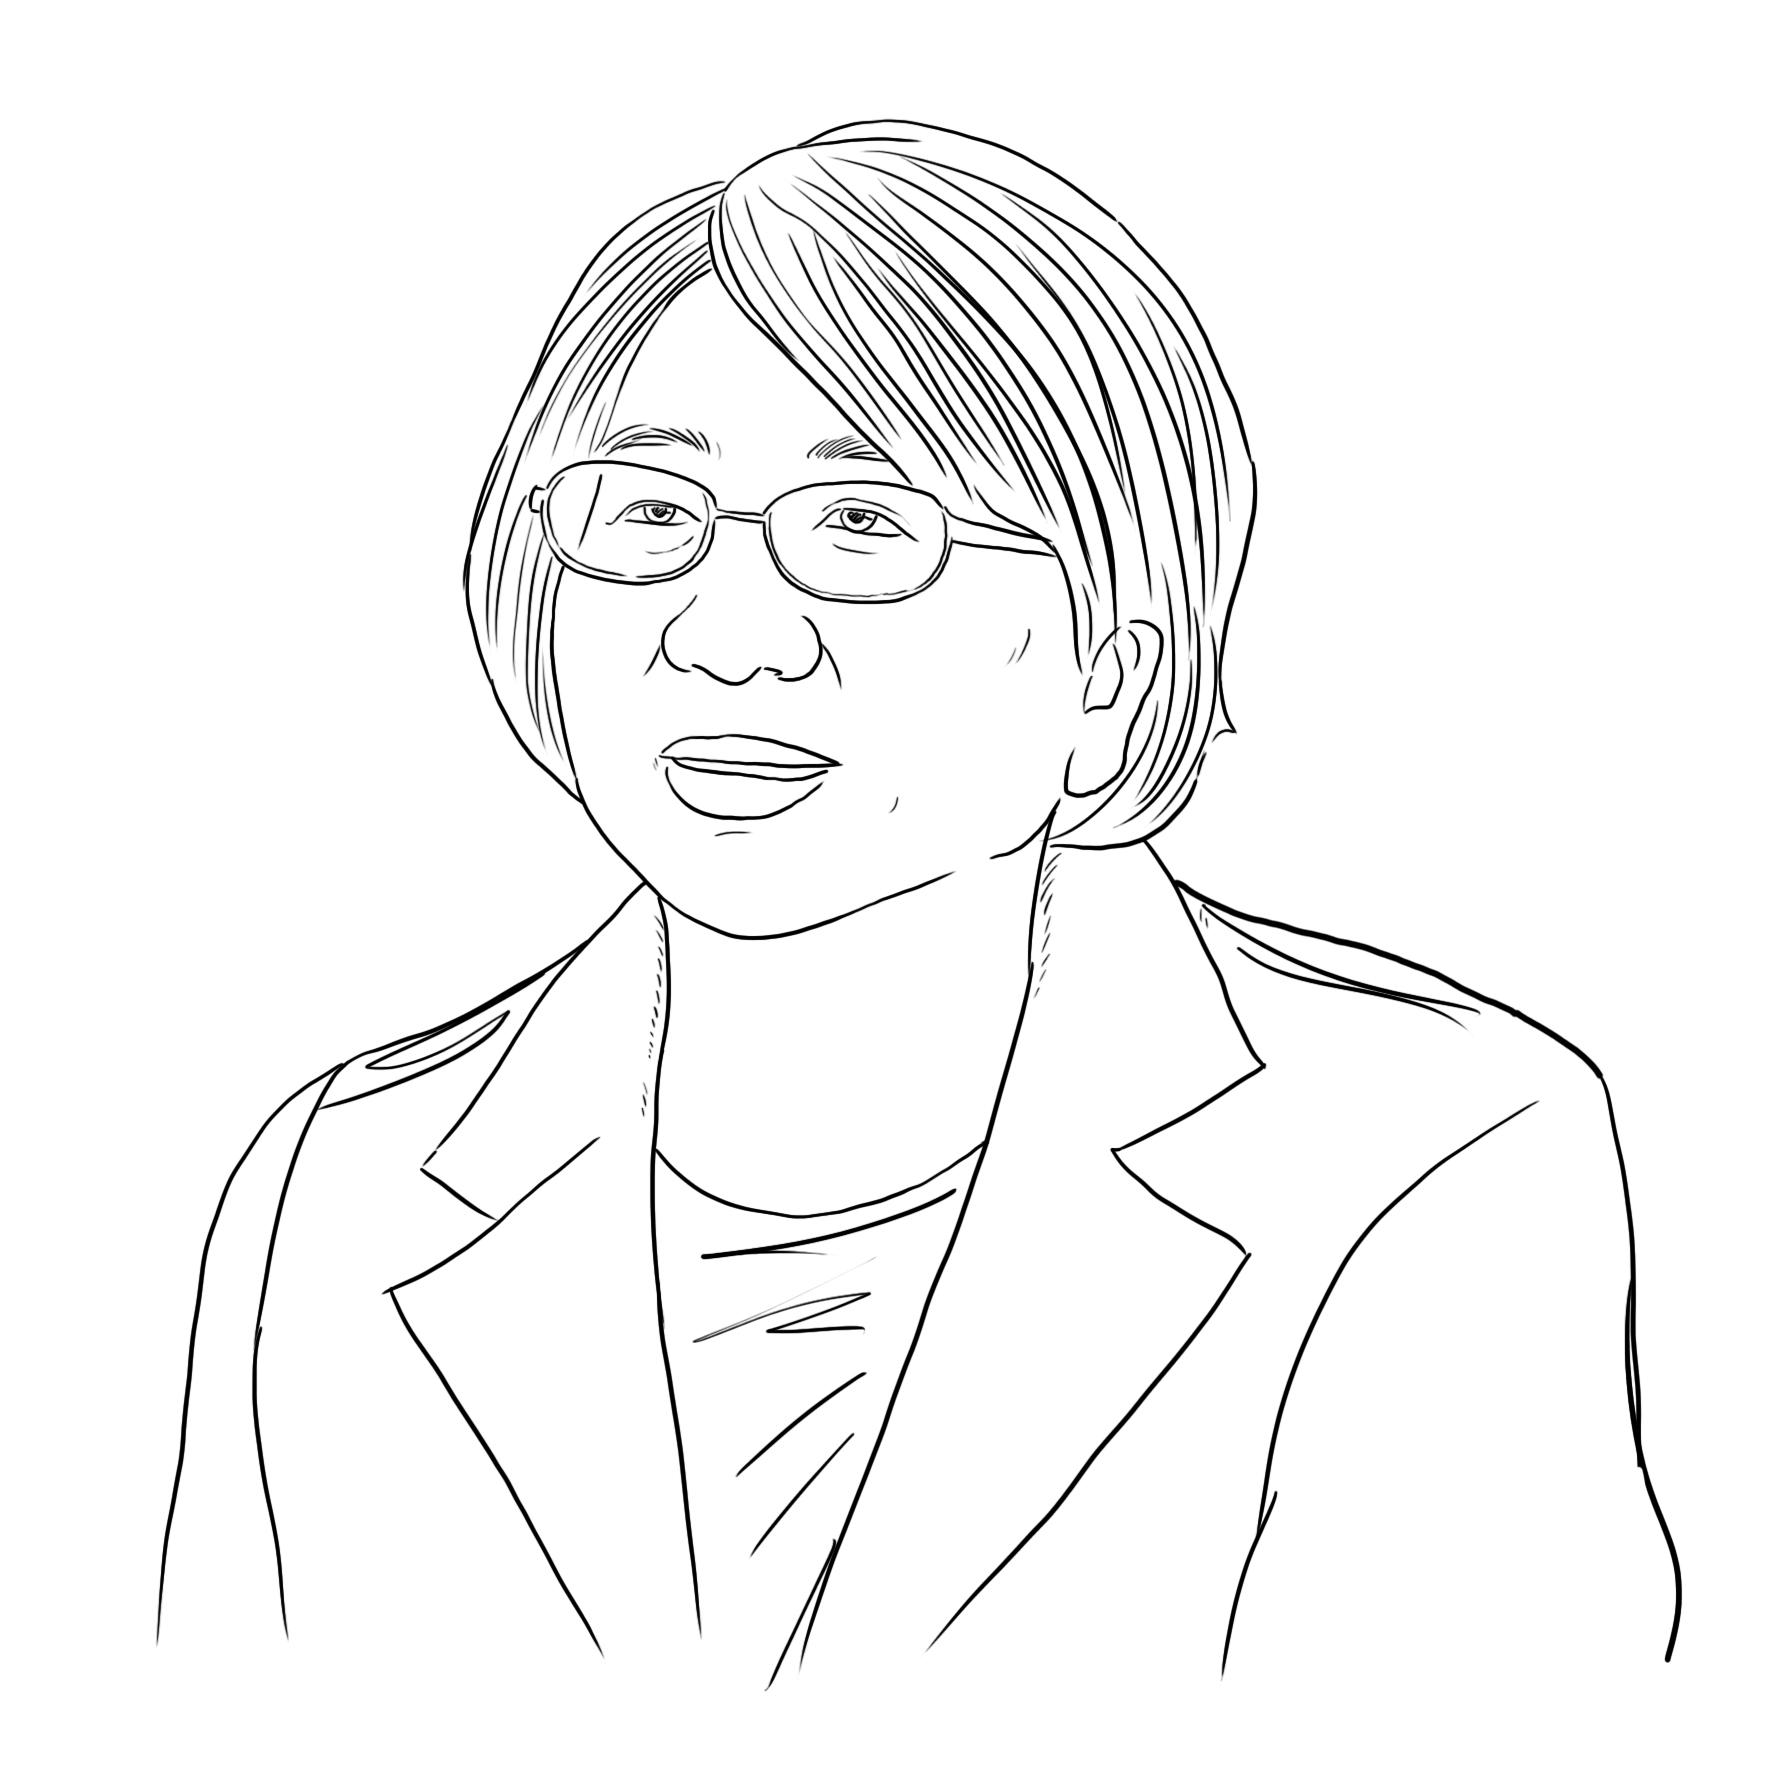 usdt交易所(www.caibao.it):李青:接纳渐进式羁系方式解决互联网平台竞争问题